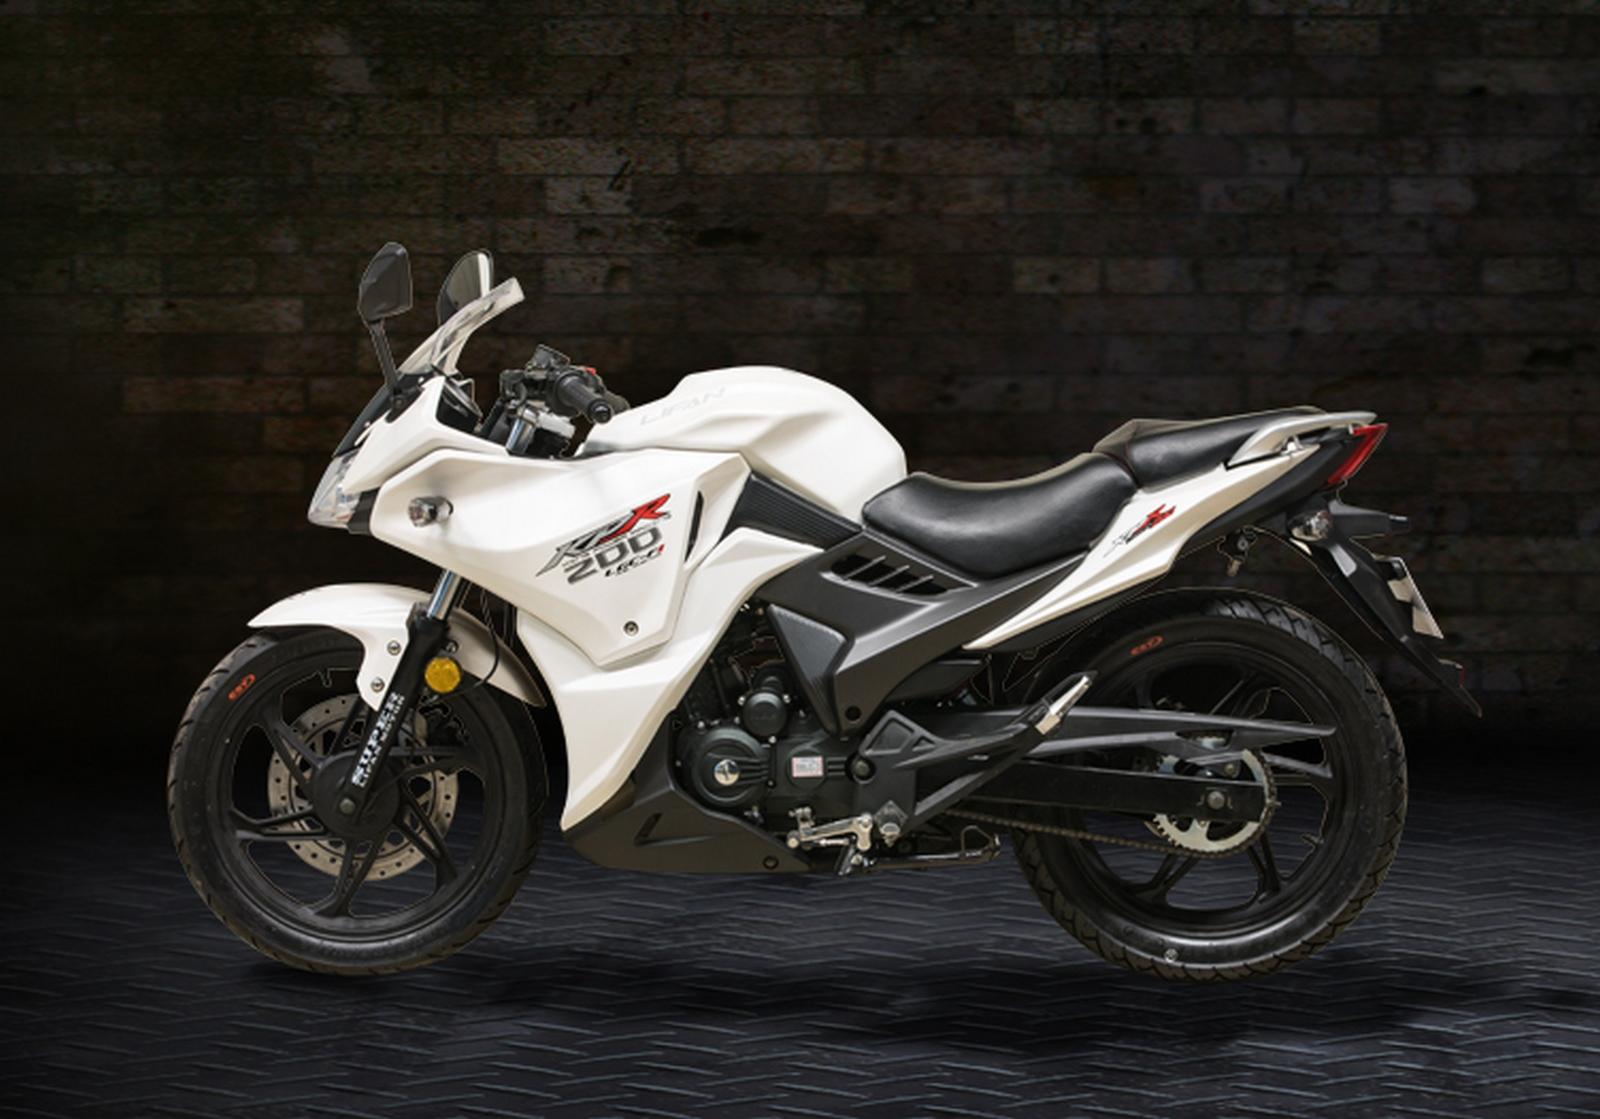 Lifan хочет войти в ТОП-5 мотоциклетных брендов в России